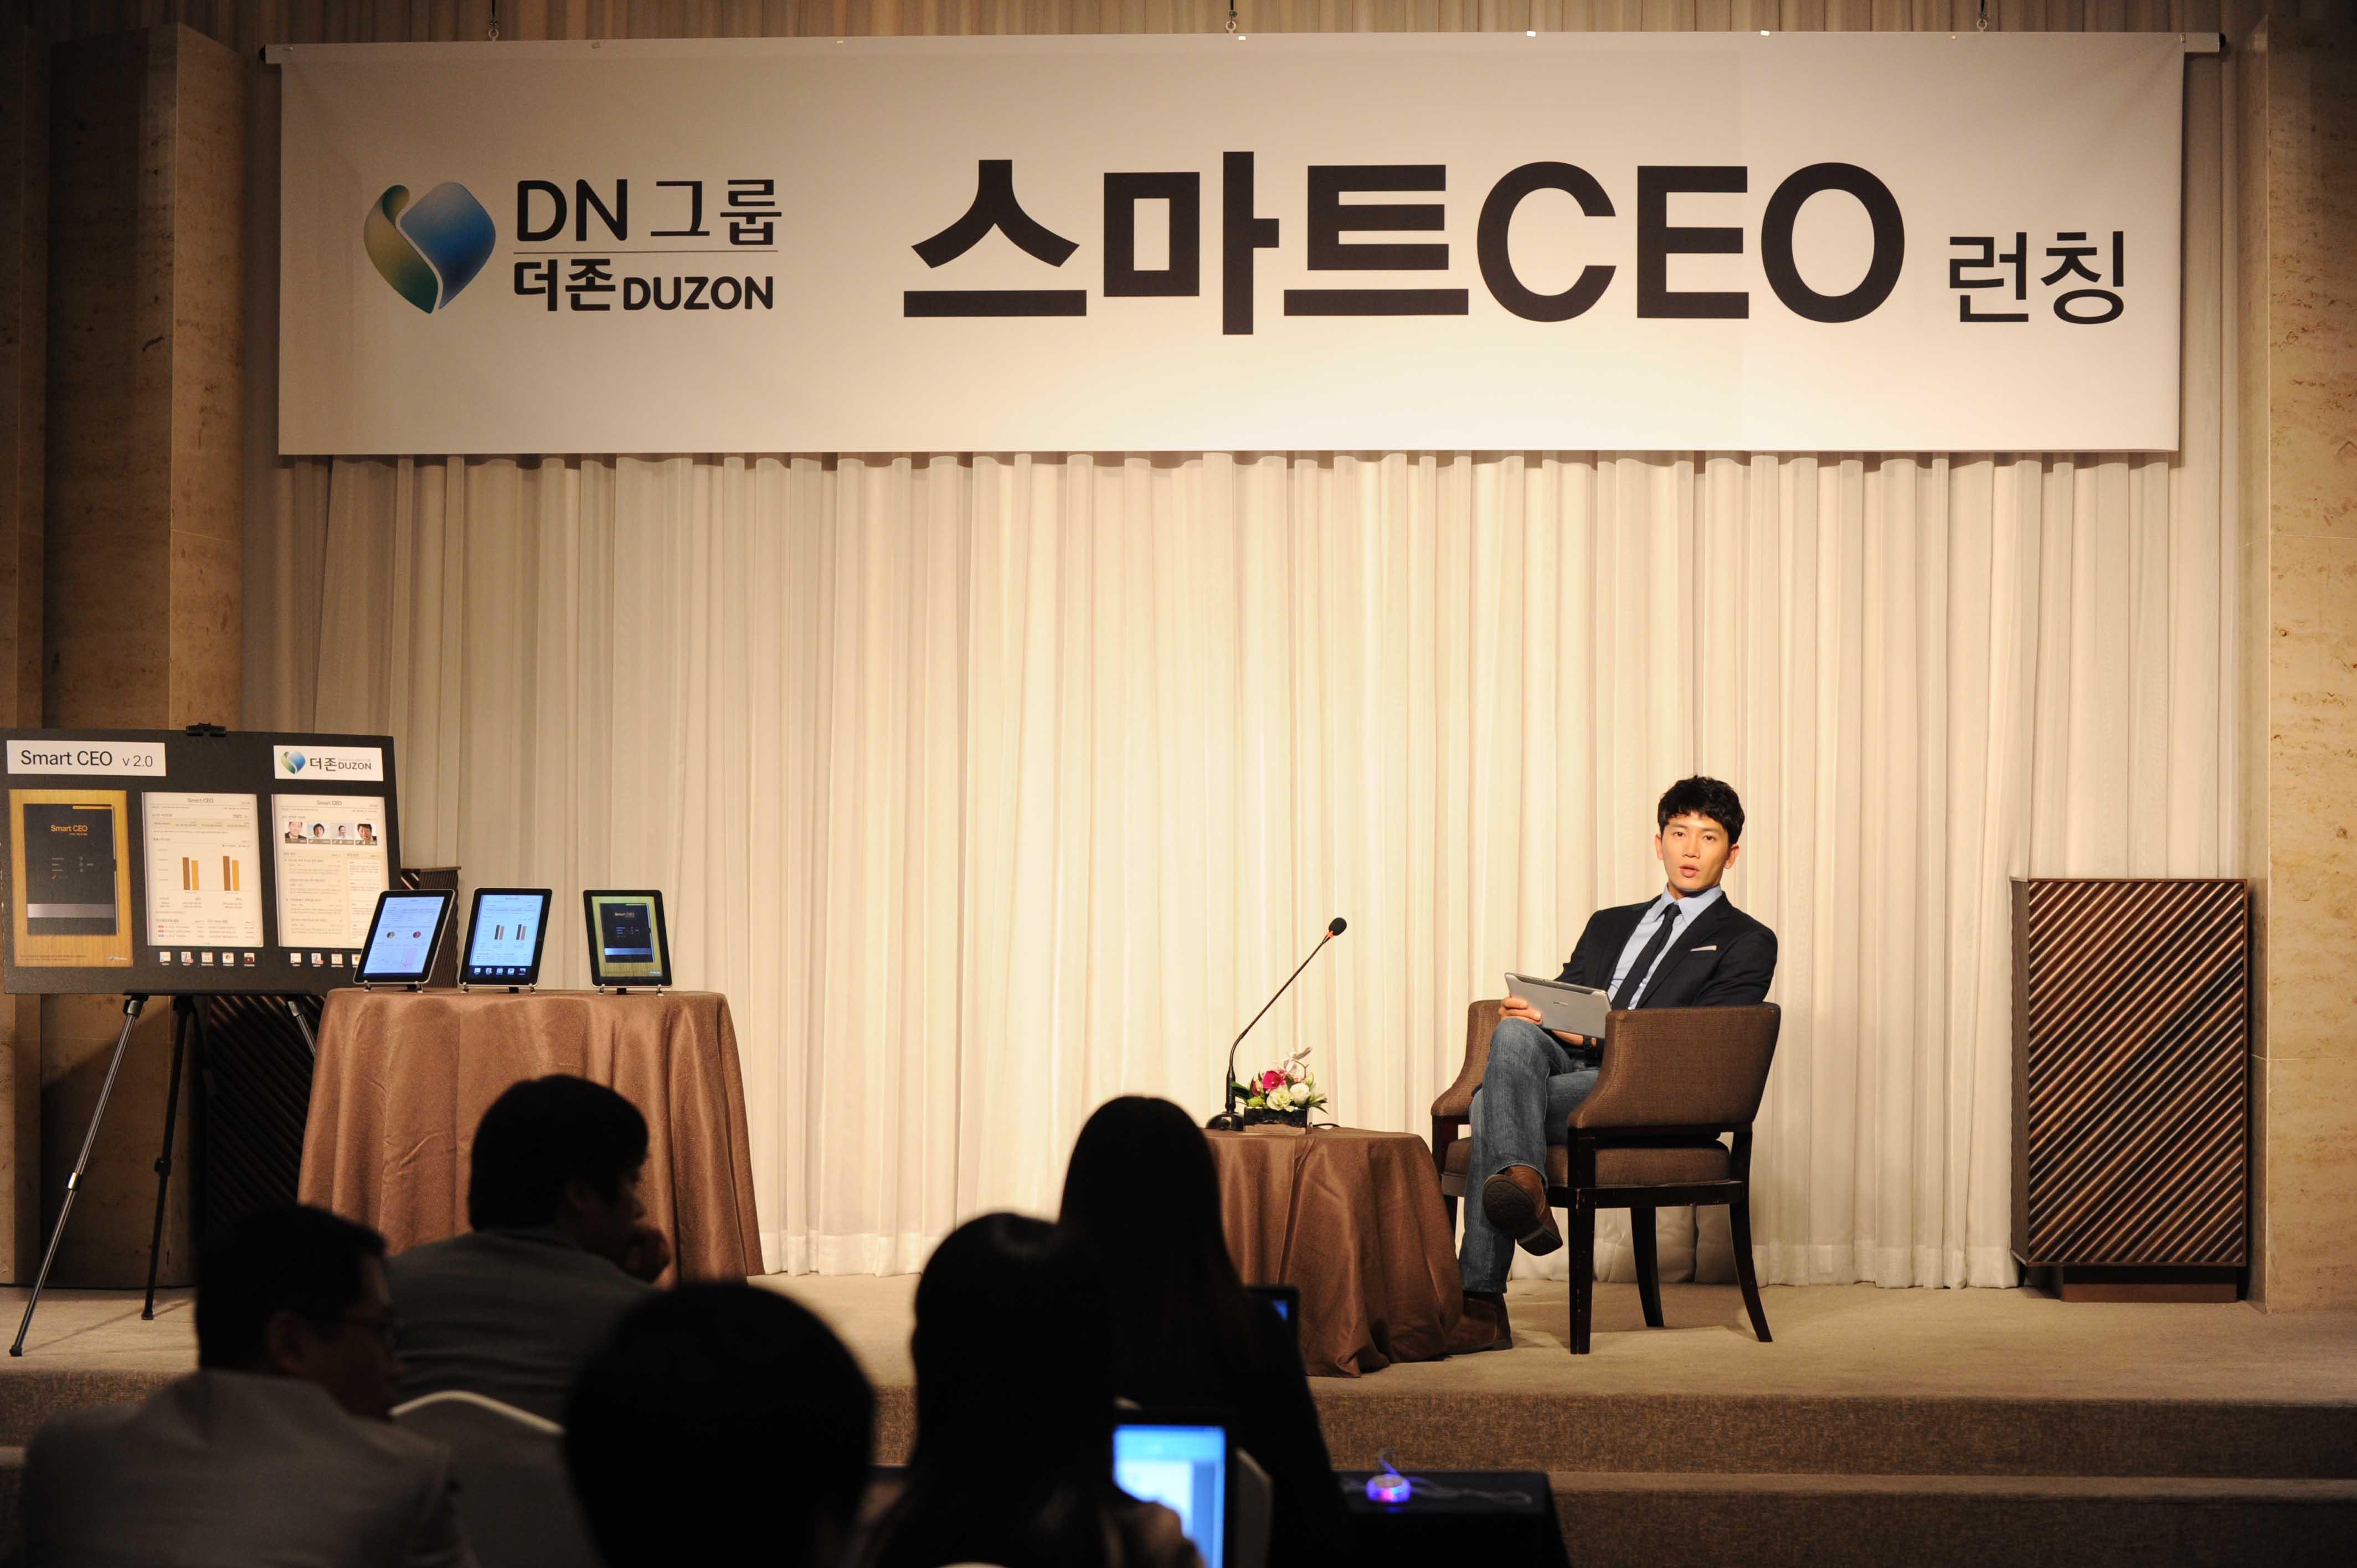 SBS 수목드라마 [보스를 지켜라] 지성, 스티브 잡스 연상케하는 차티브 잡스로 완벽 변신 썸네일 이미지